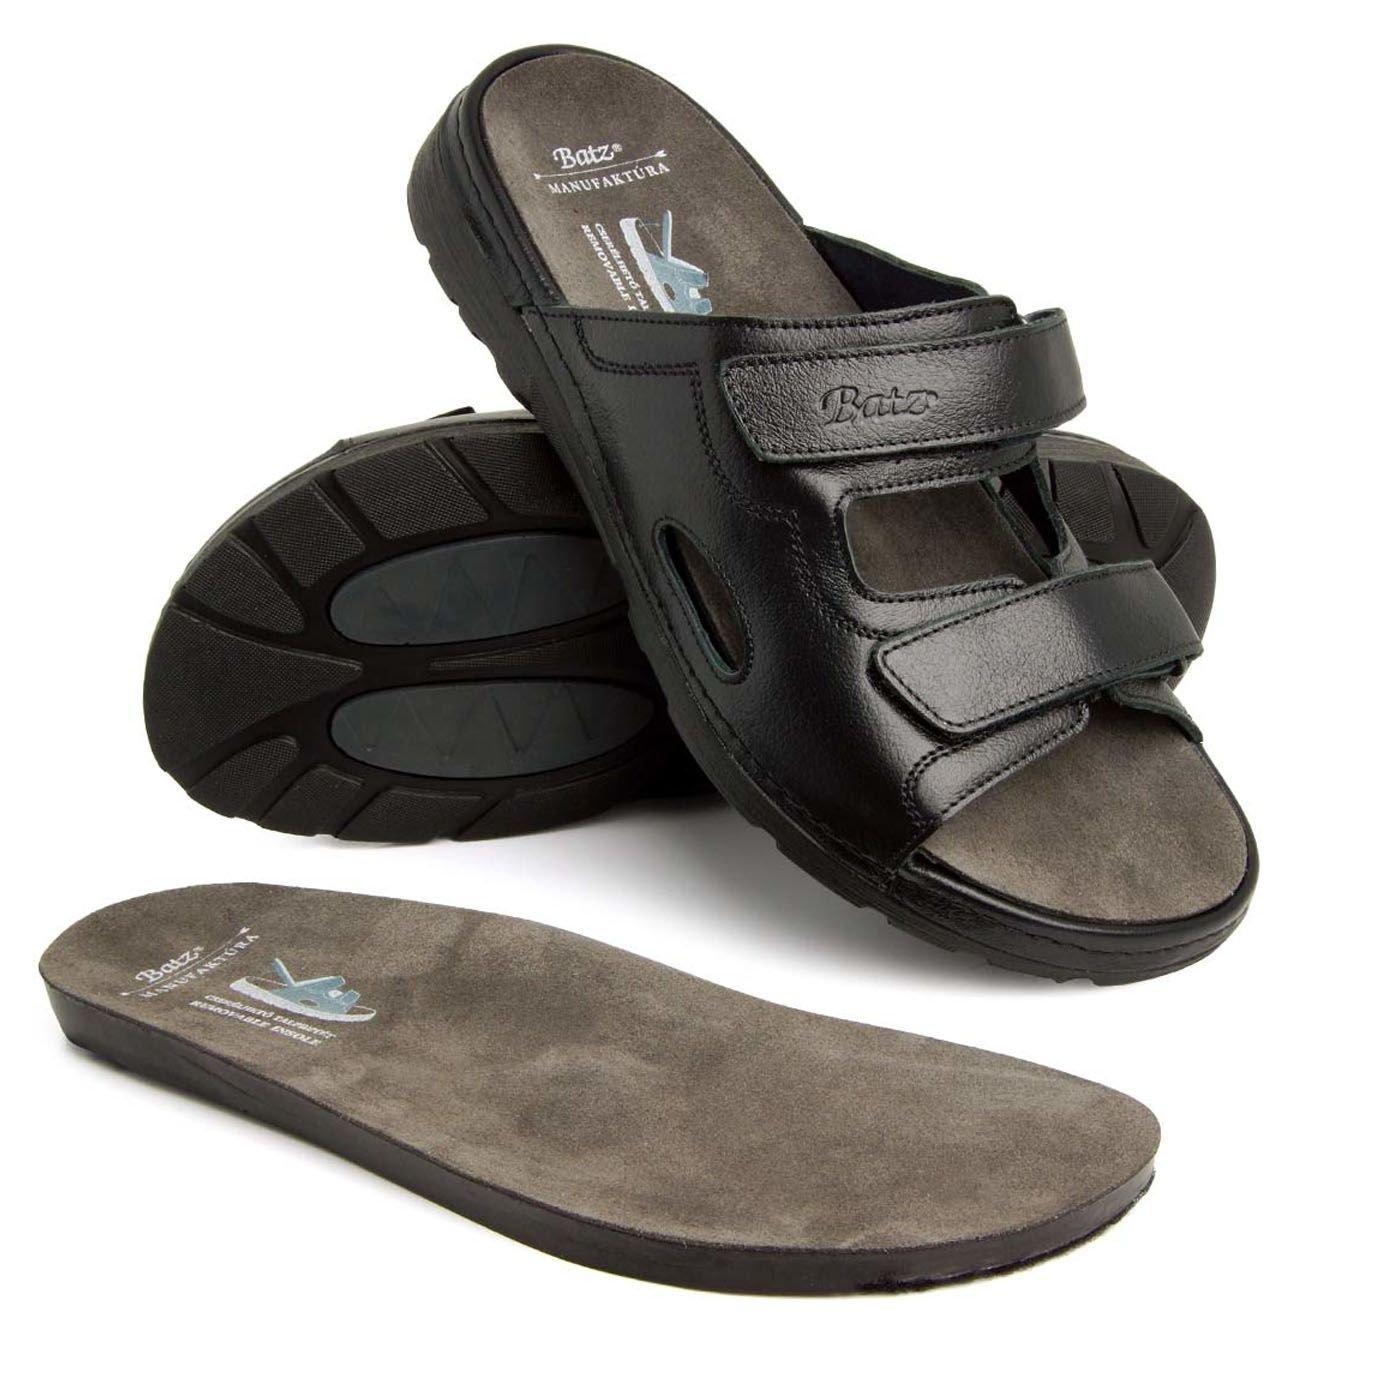 9c8e492a7391 Batz Attila Leather Slip-on Mens Sandals Clogs Mules  Amazon.co.uk  Shoes    Bags